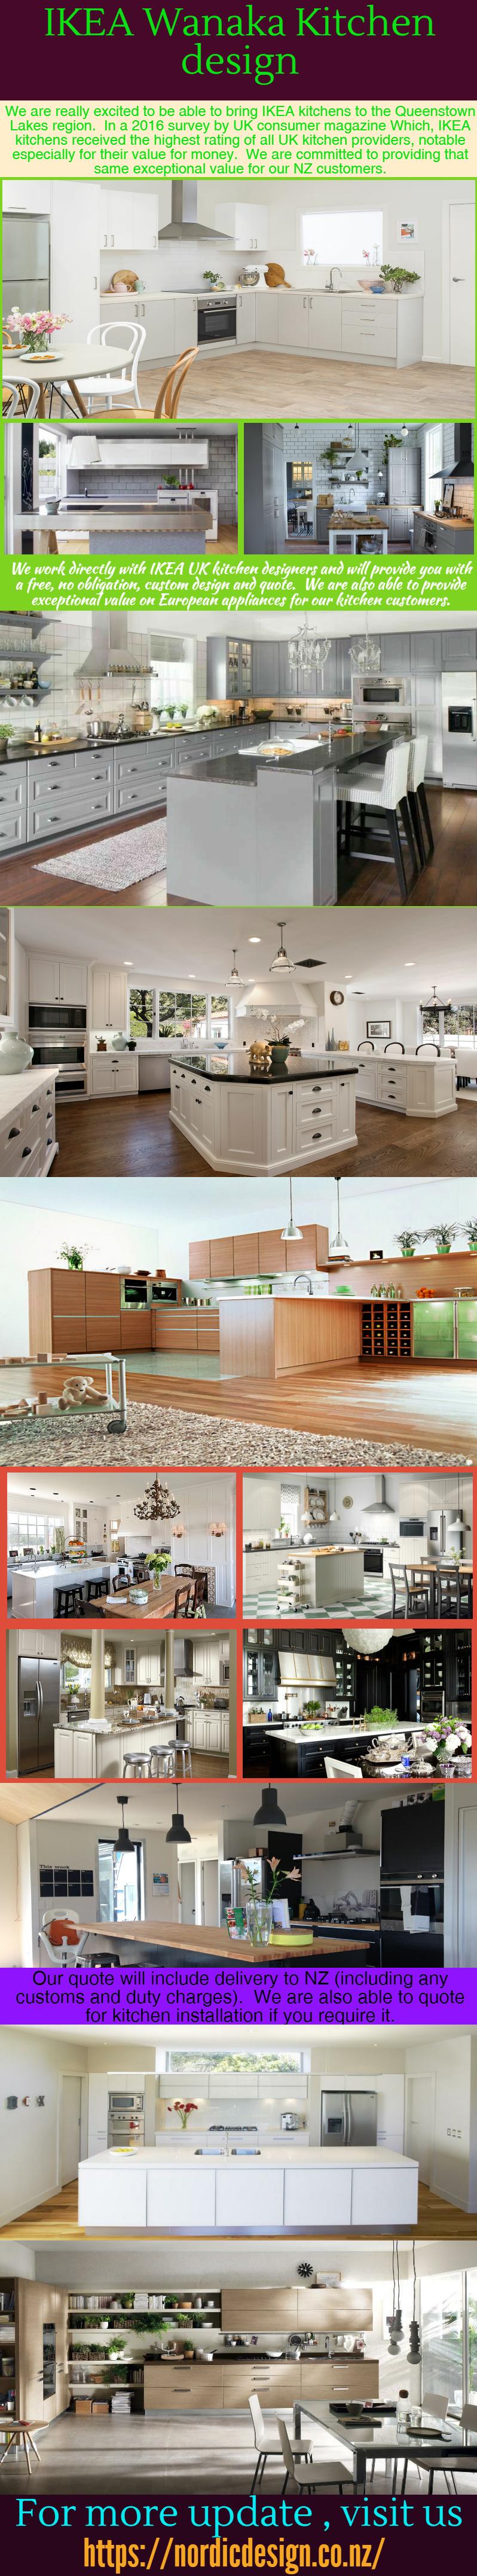 Kitchen Design Queenstown free stock photo of ikea nz, ikea wanaka, kitchen design wanaka